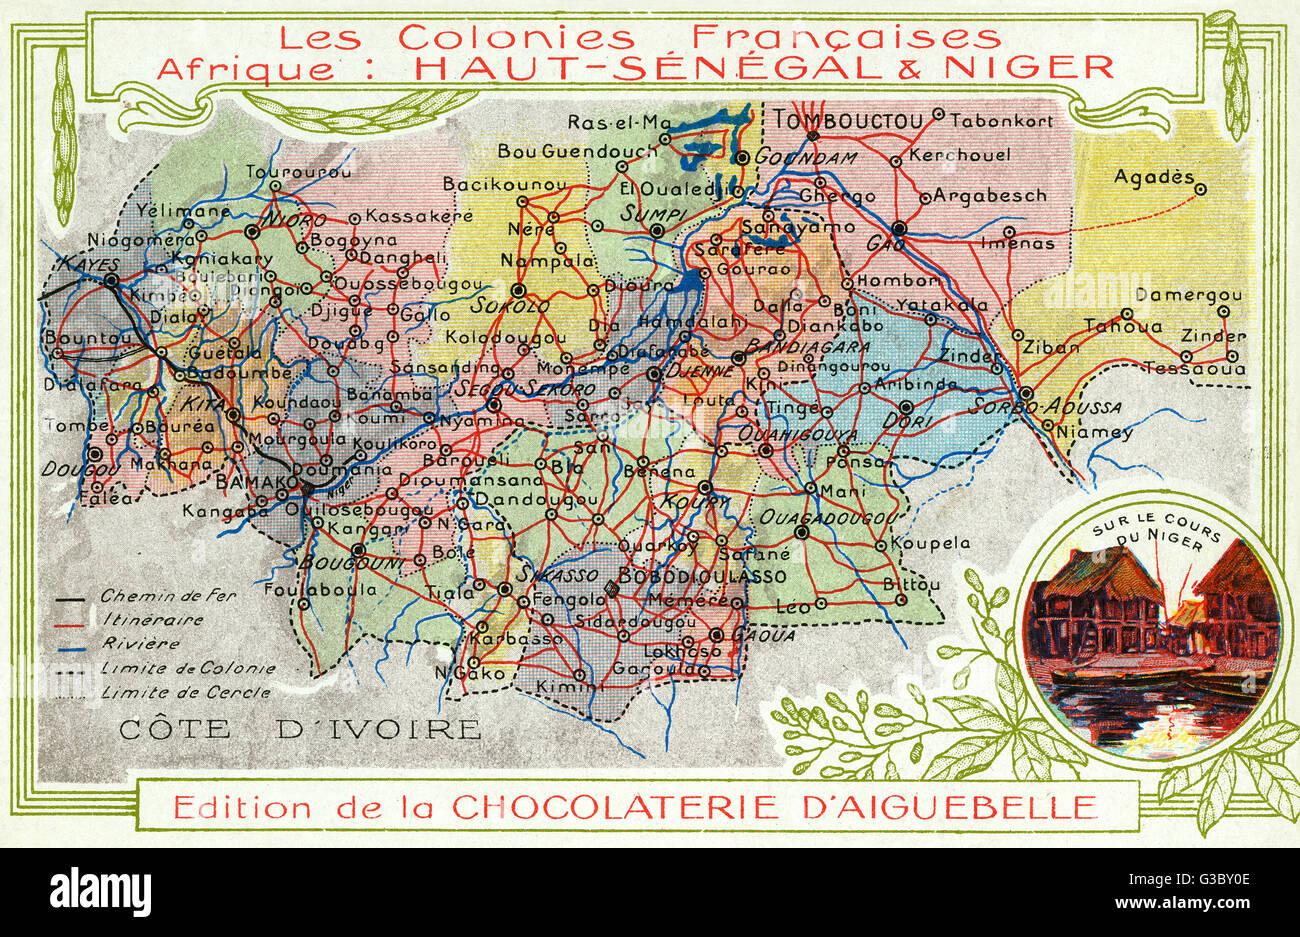 Karte Afrika Kolonien.Senegal Und Niger Franzosischen Kolonien In Afrika Karte